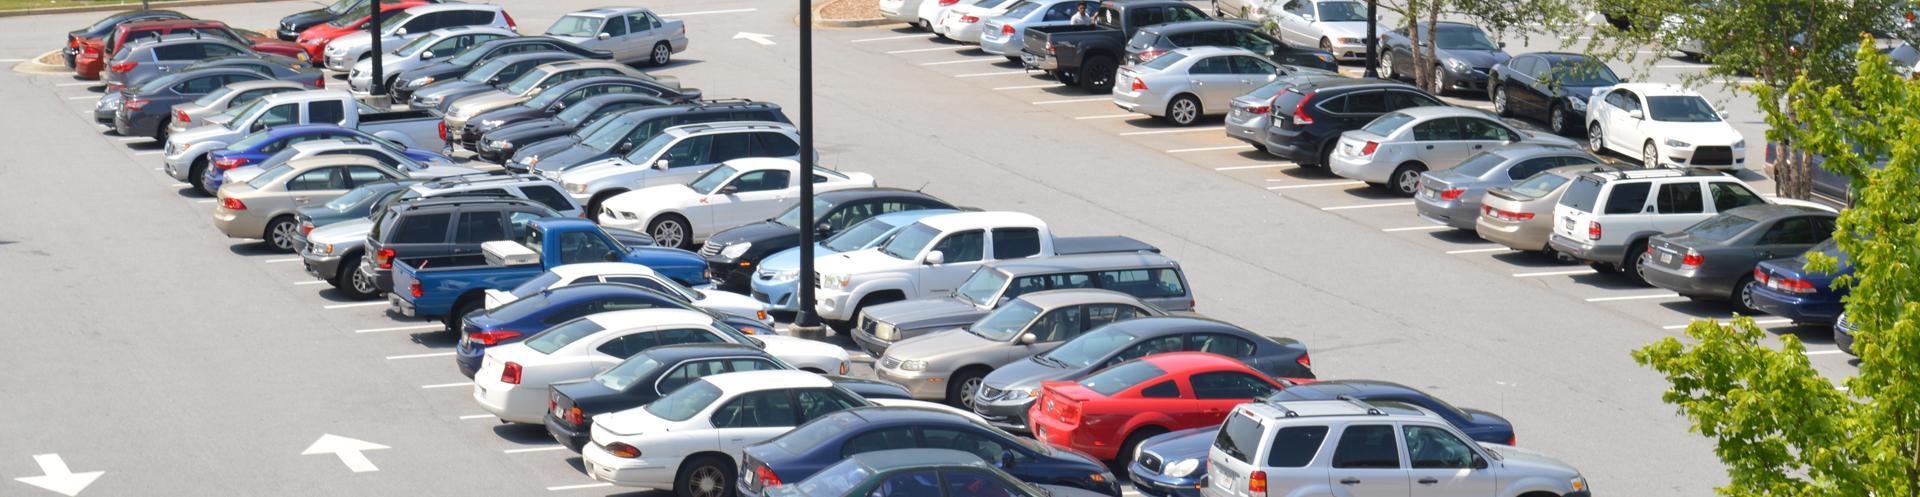 Comment trouver facilement une place de parking louer gr ce internet - Sous louer une place de parking ...